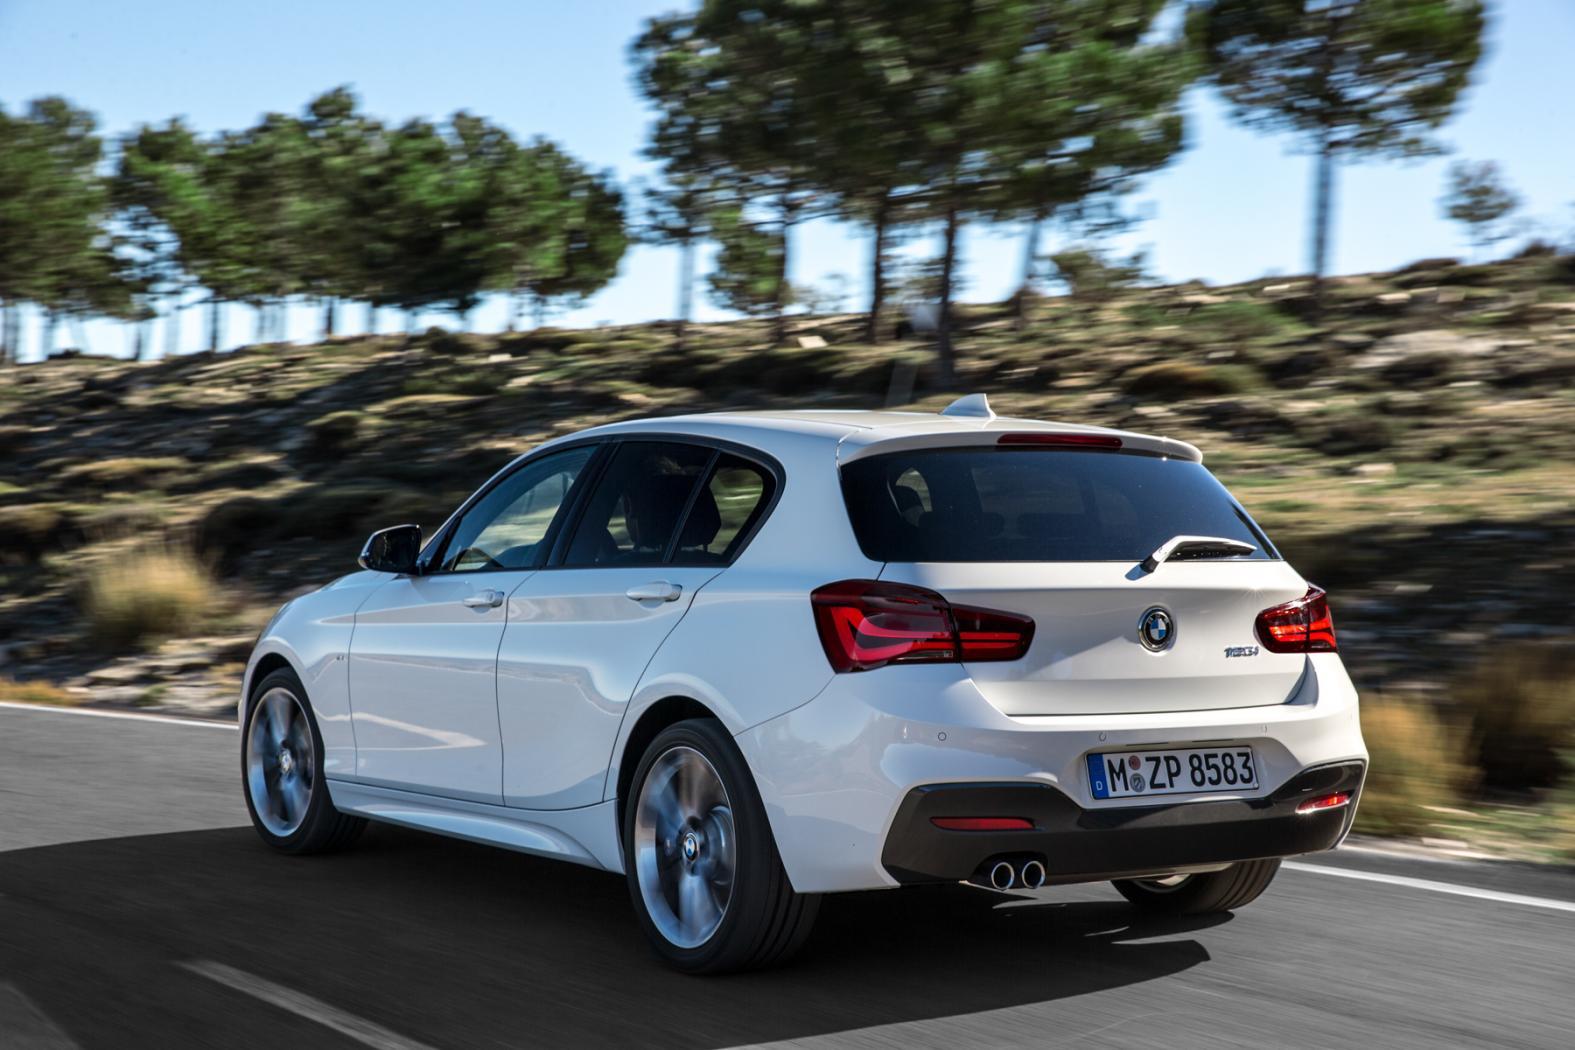 BMW-Serie-1-F20-sur-route.jpeg